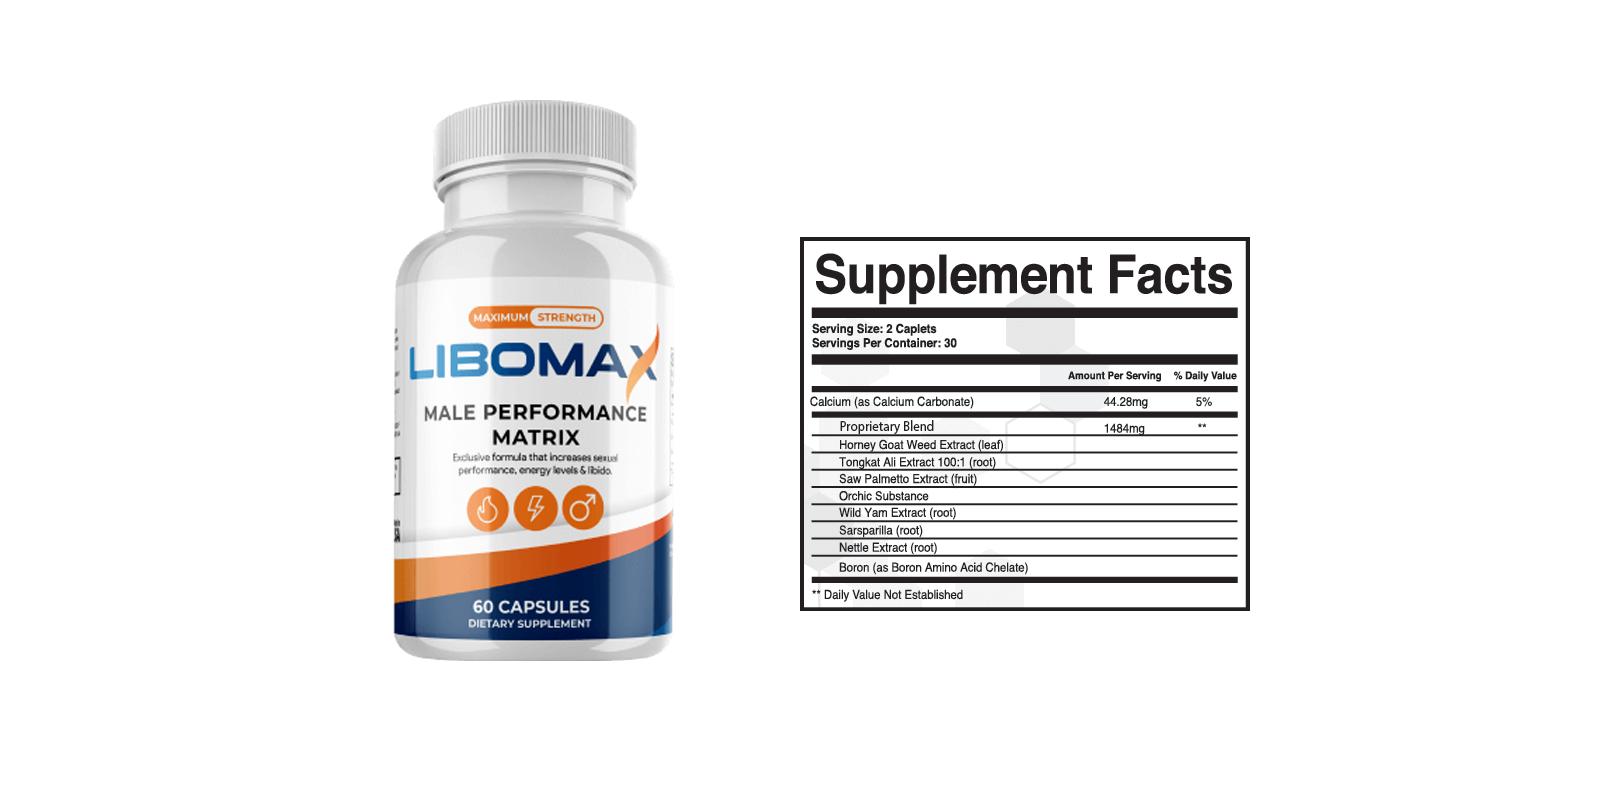 Libomax Dosage